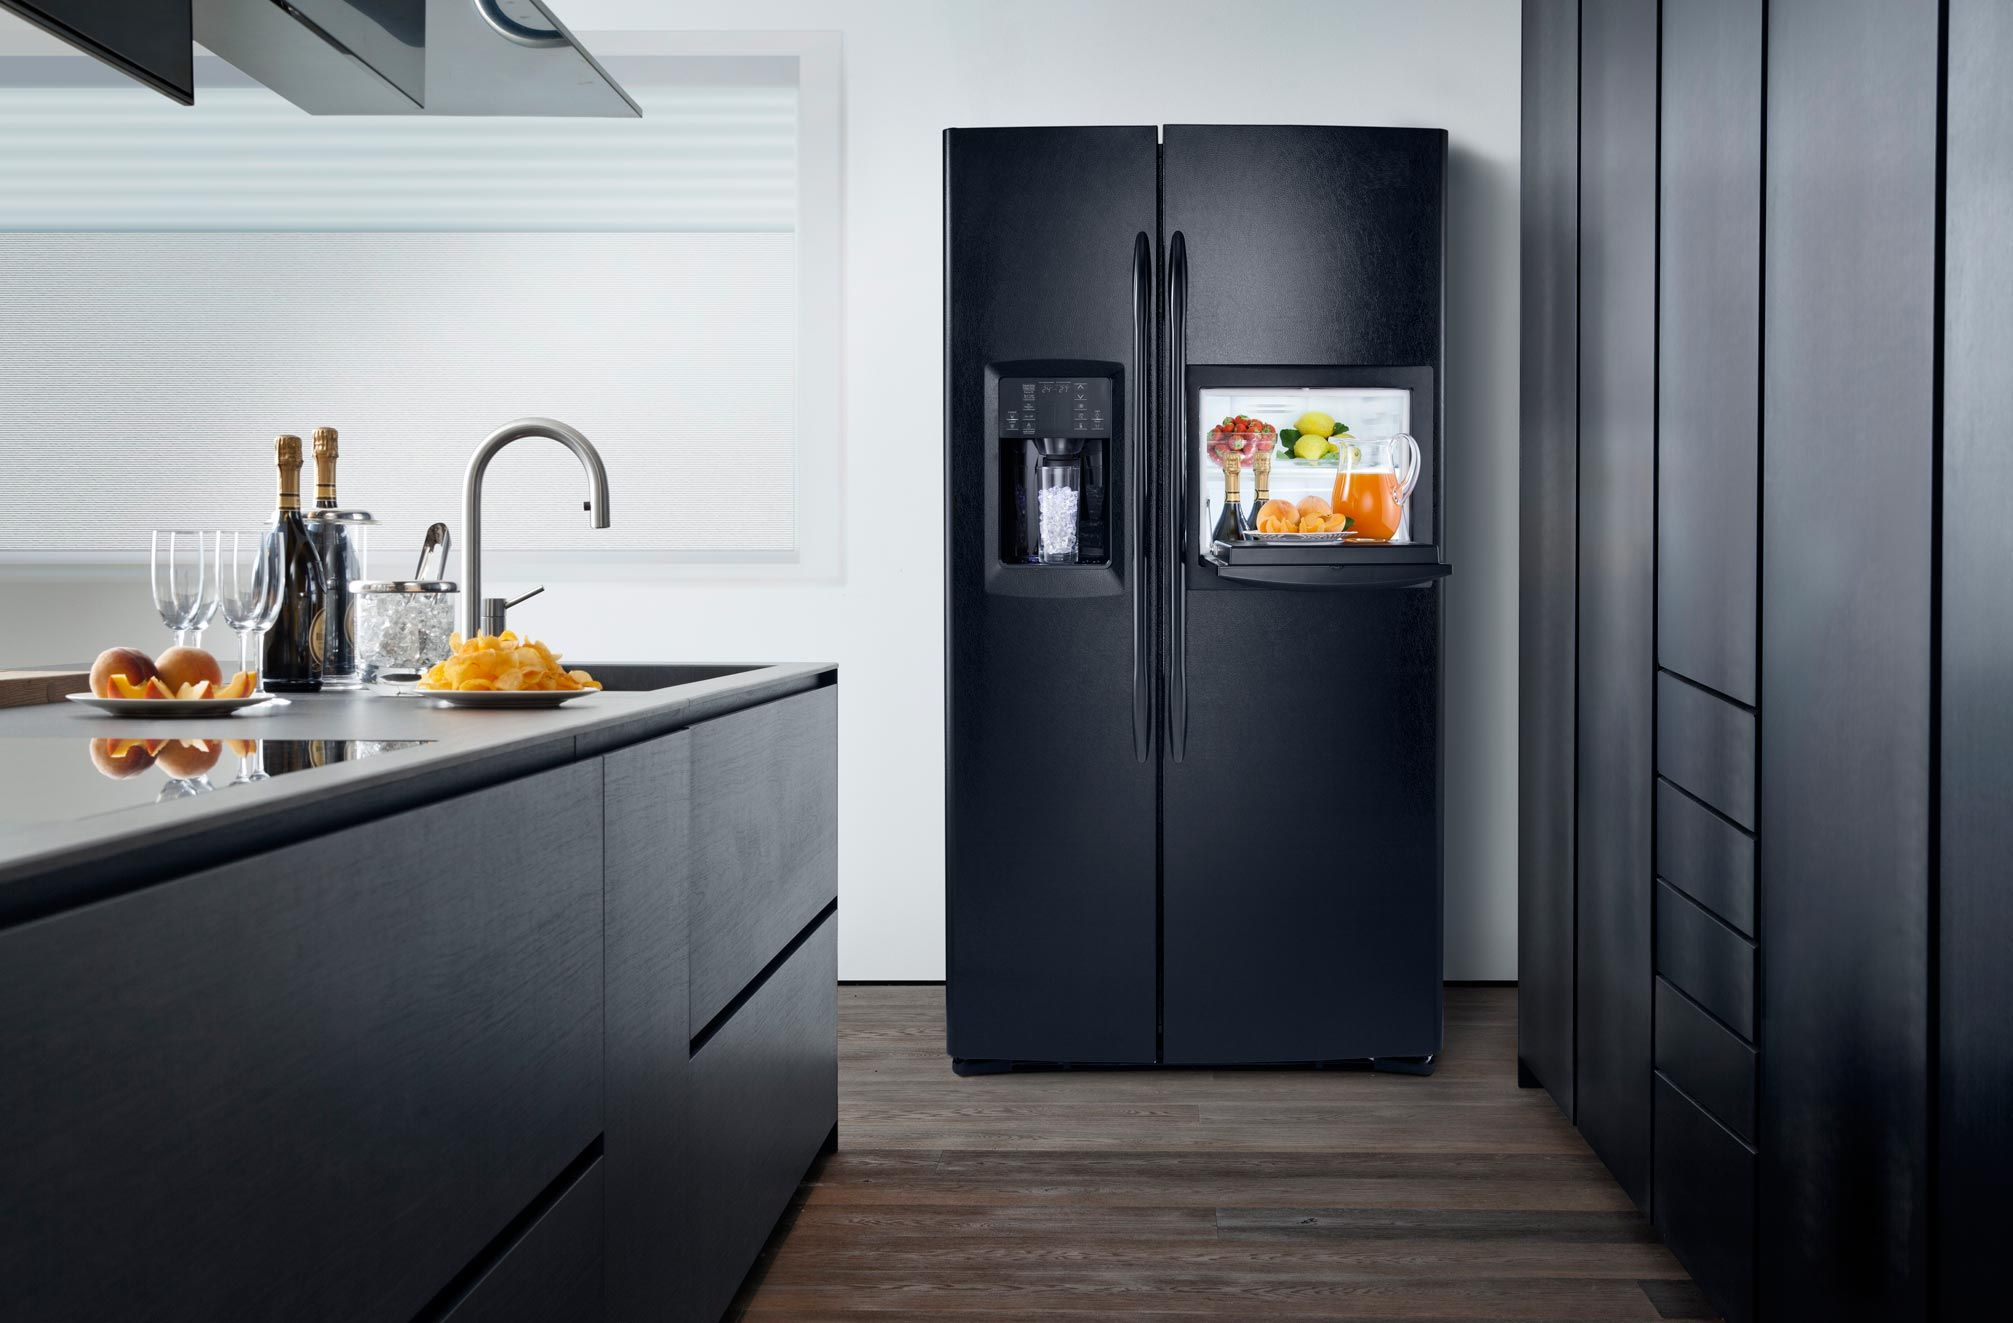 De zwarte Amerikaanse koelkast GSE30VHBTBB uitgevoerd met ijsdispenser en minibar (foto